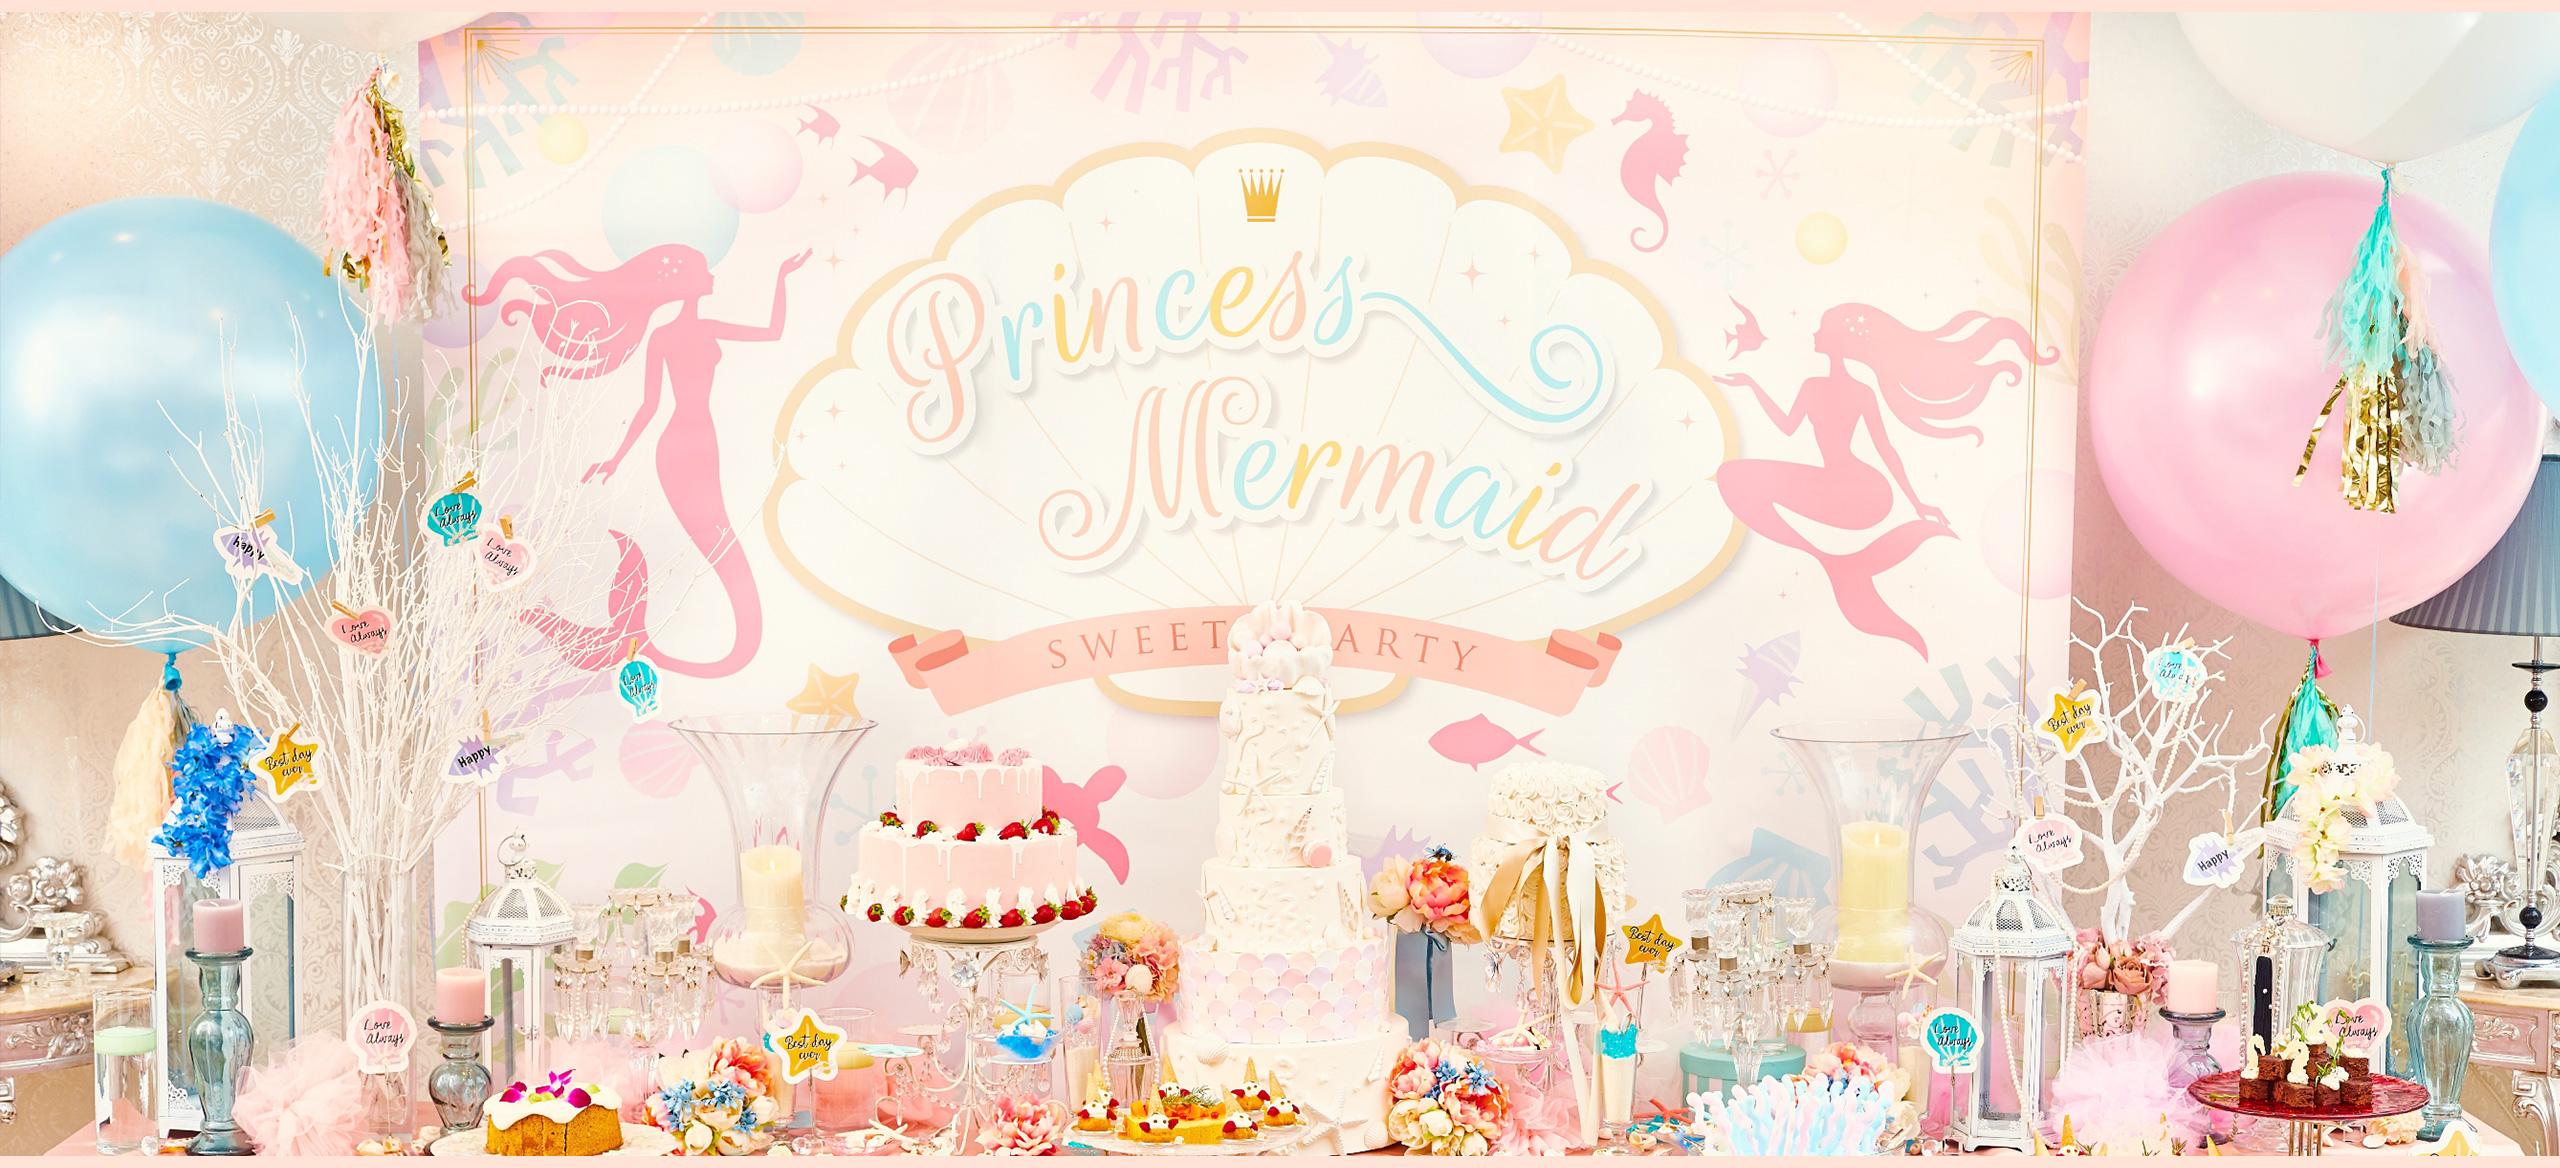 プリンセスマーメイドのスイーツパーティー   アートグレイス ウエディングコースト 東京ベイ